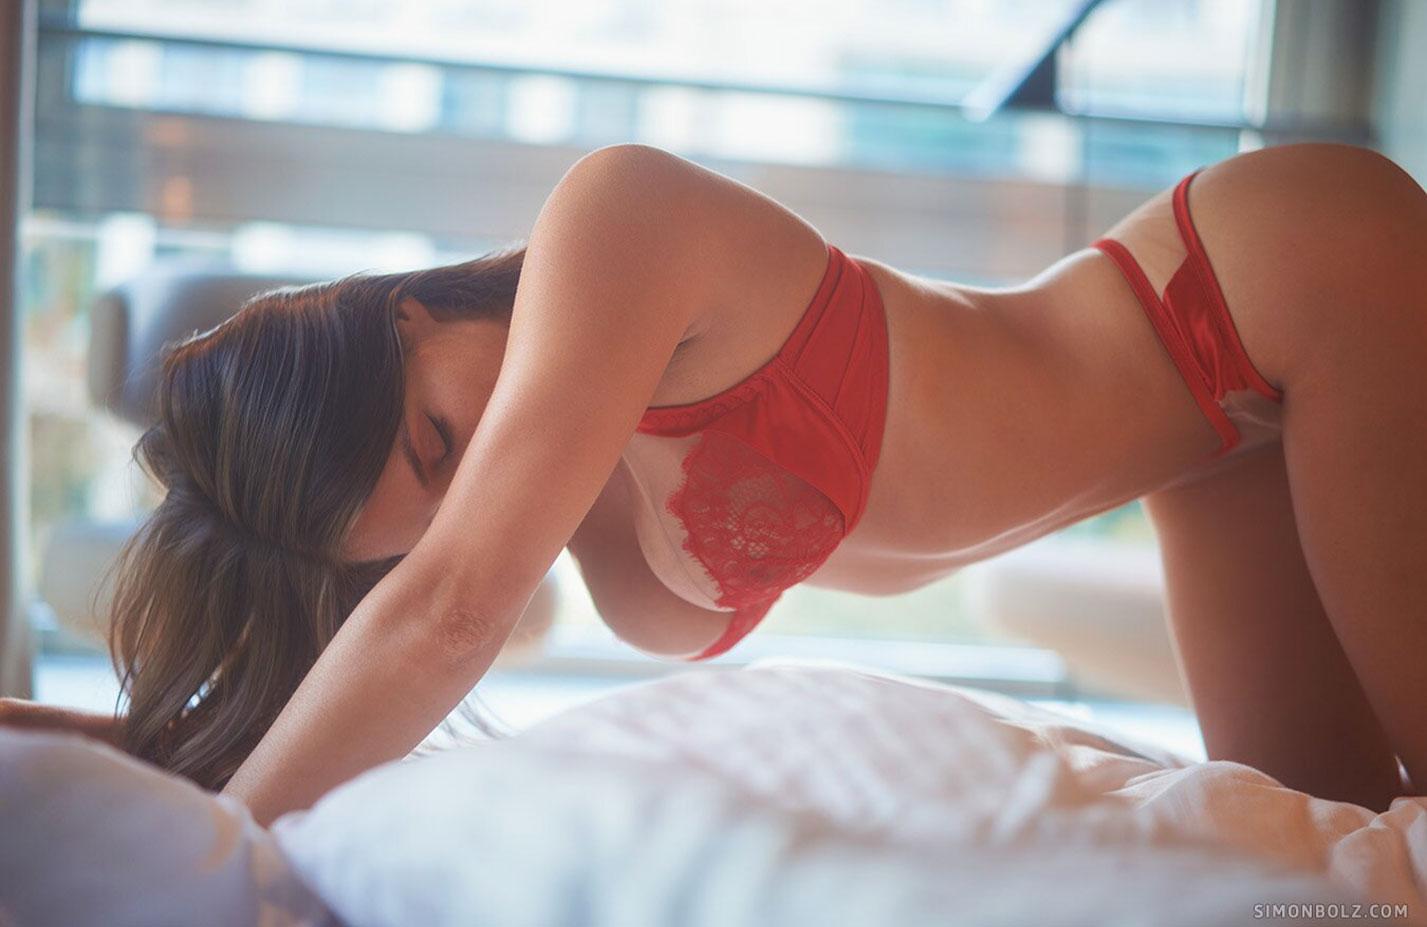 Сильвия в красном кружевном нижнем белье / фото 09